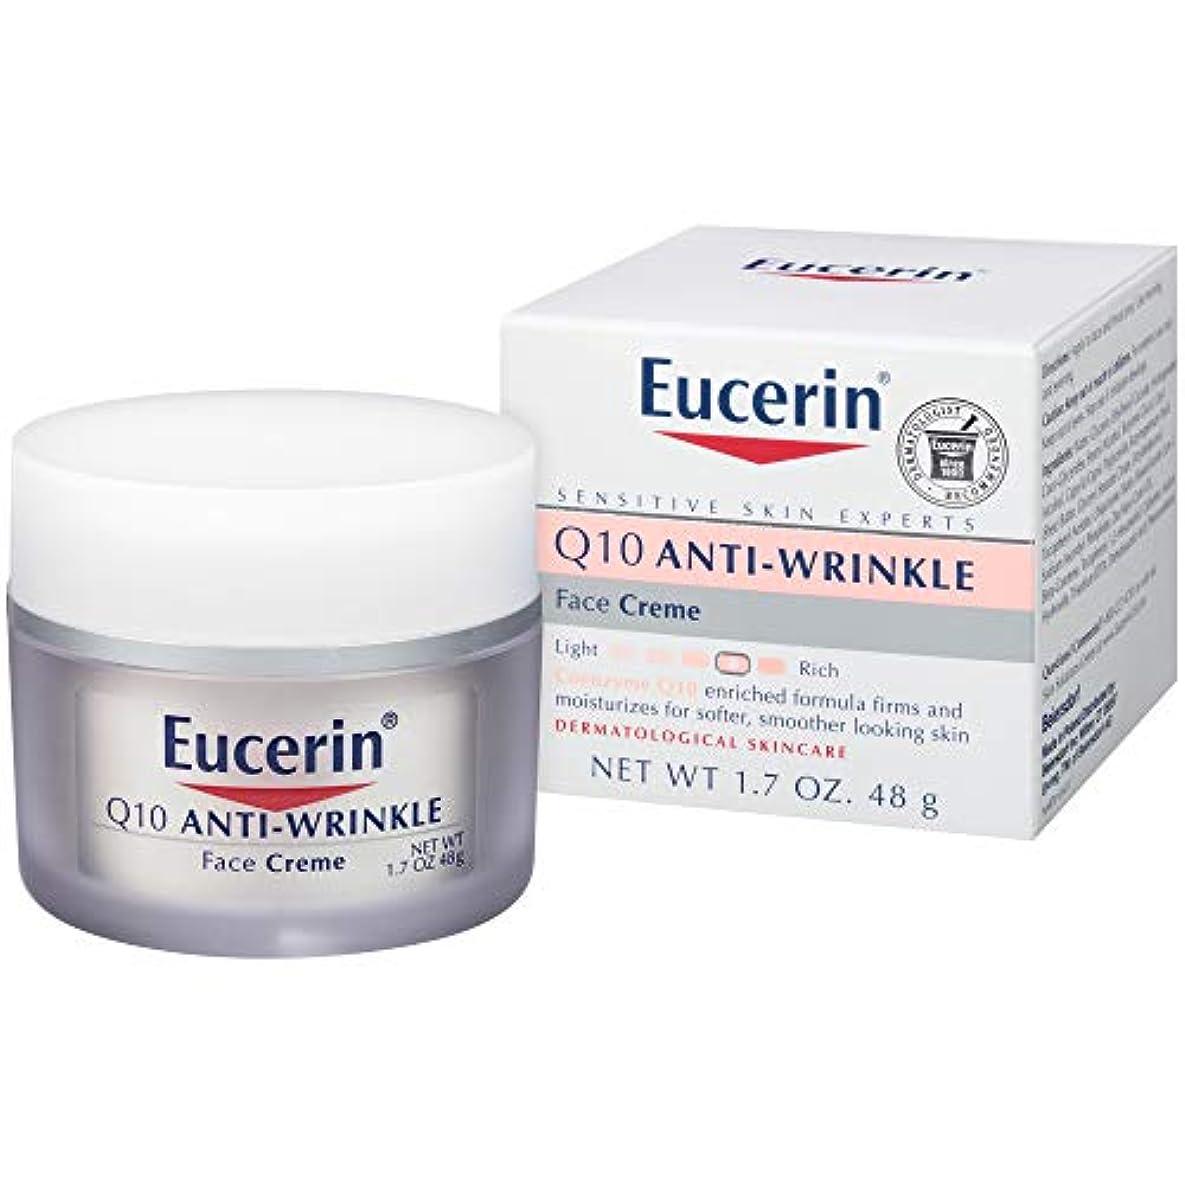 レベル版第三Eucerin Sensitive Facial Skin Q10 Anti-Wrinkle Sensitive Skin Creme 48g (並行輸入品)